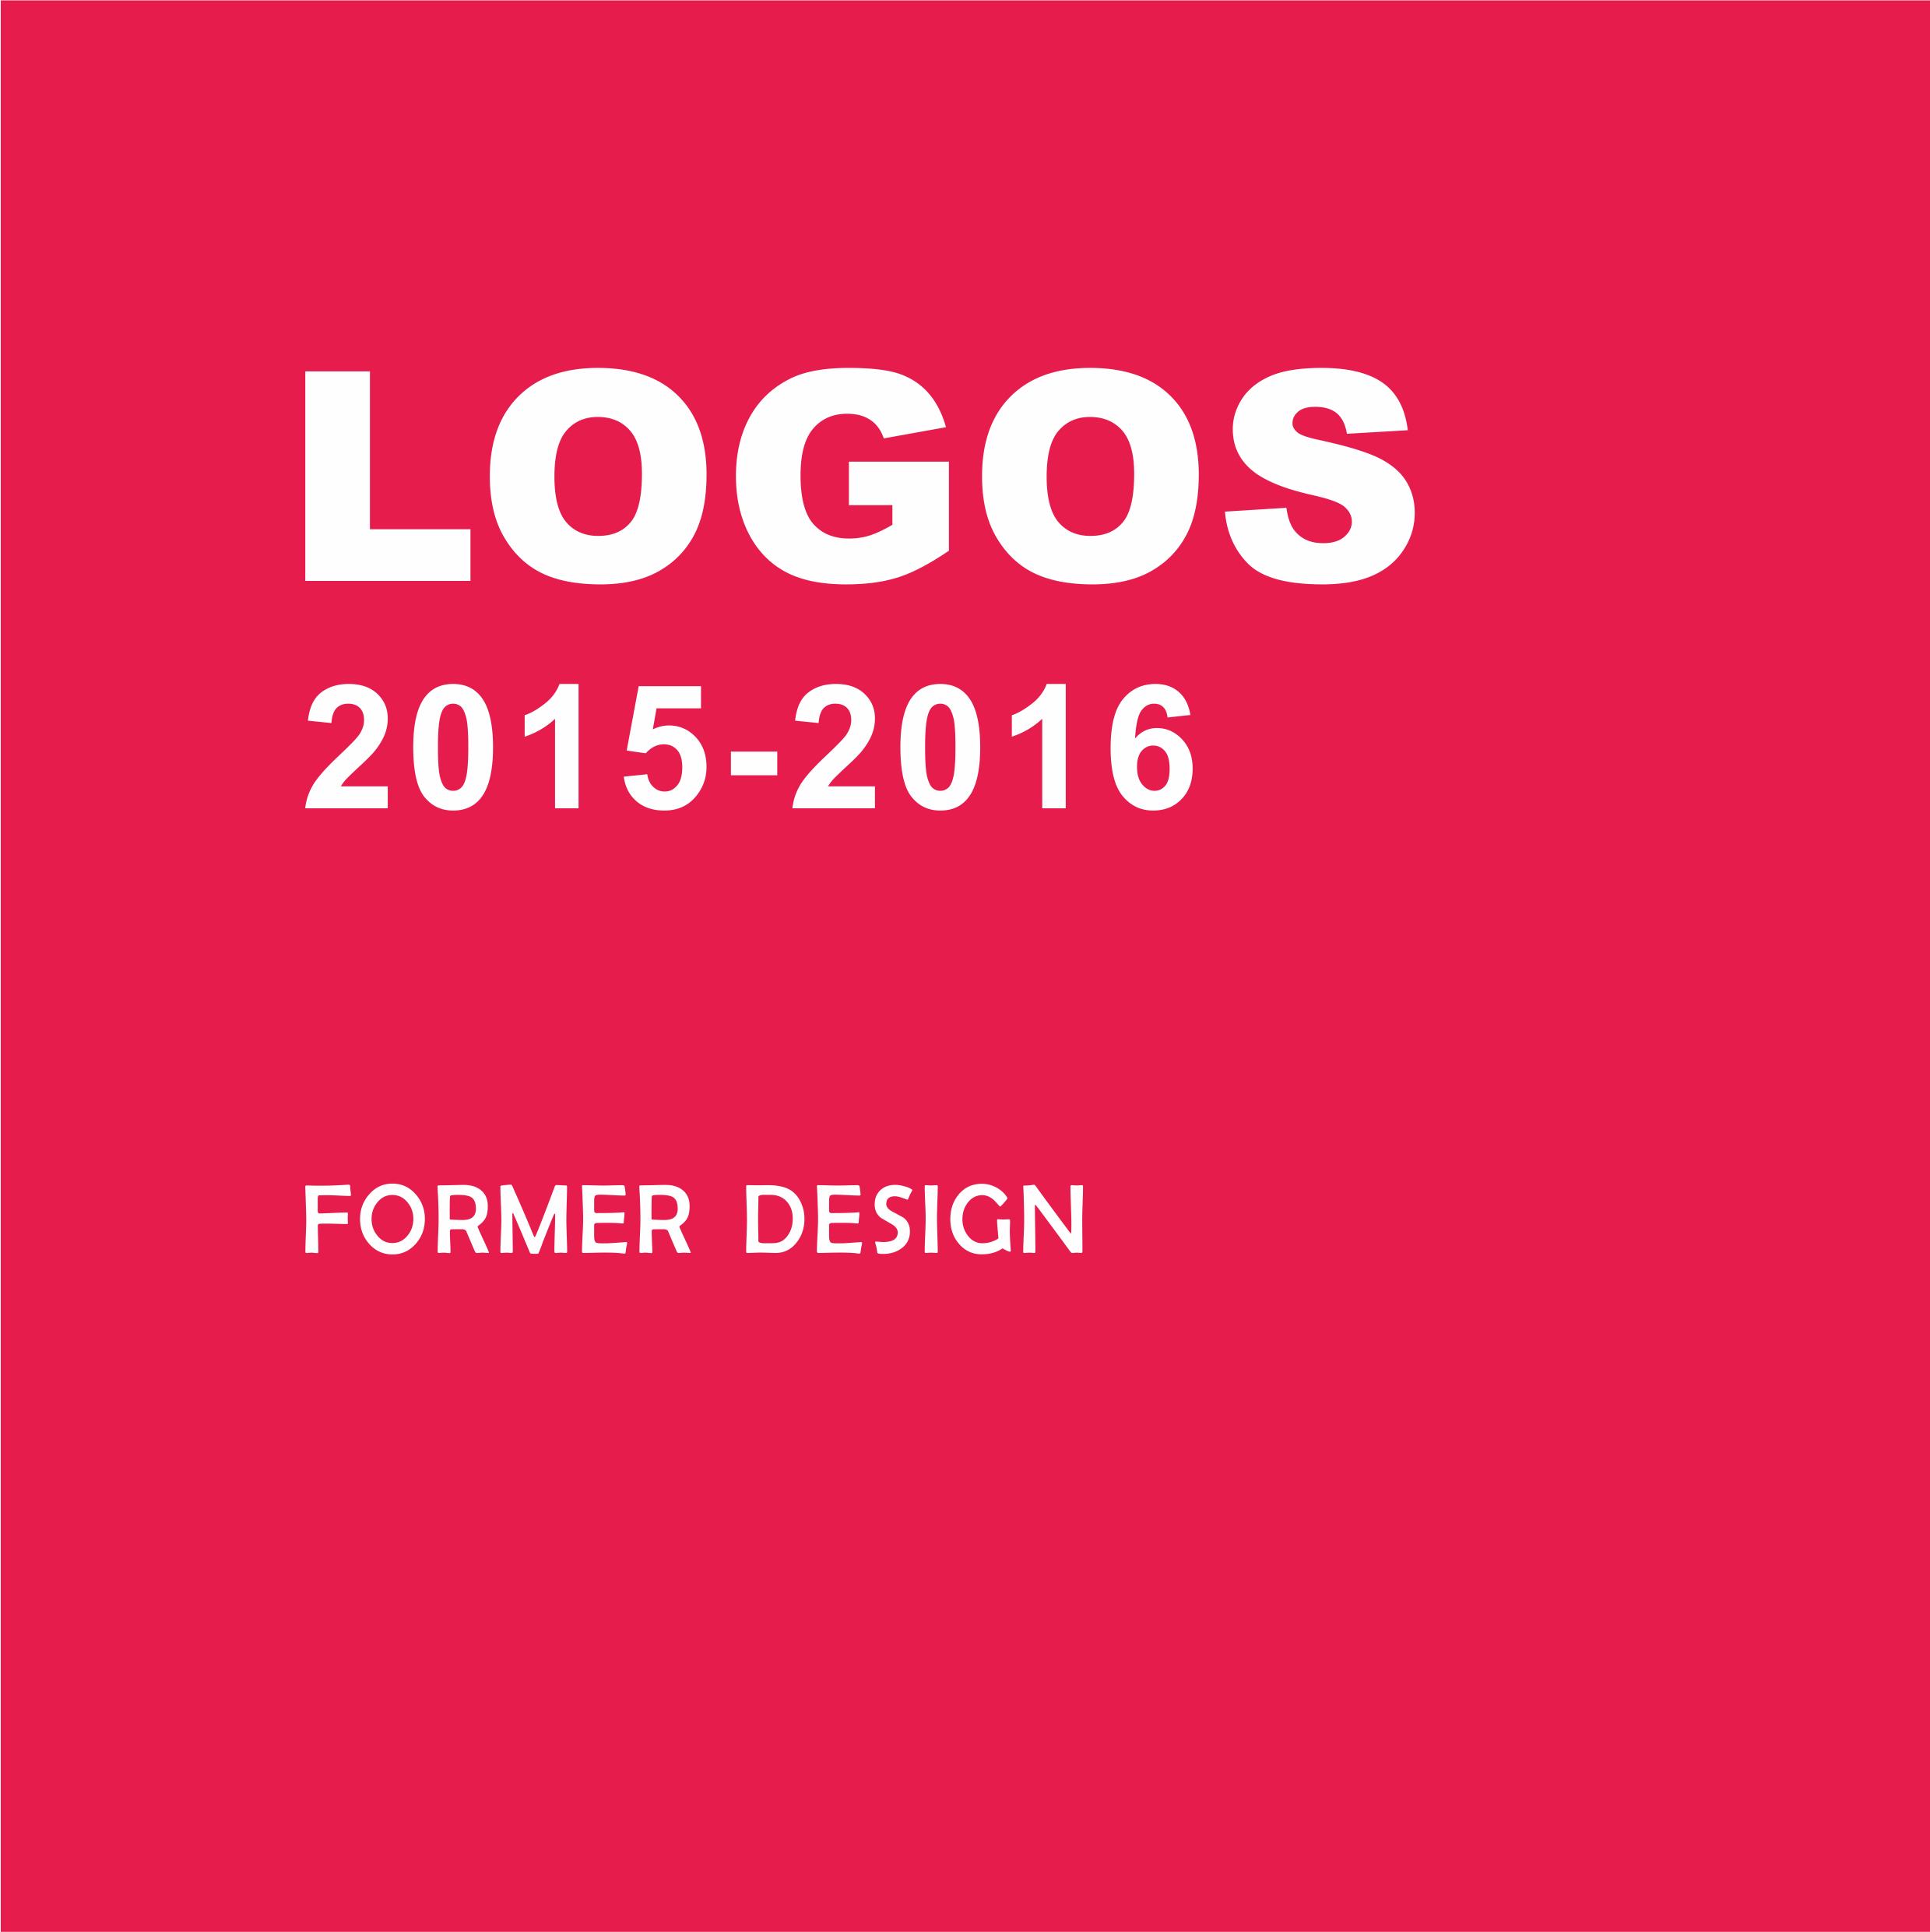 FORMER商业logo设计案例集一